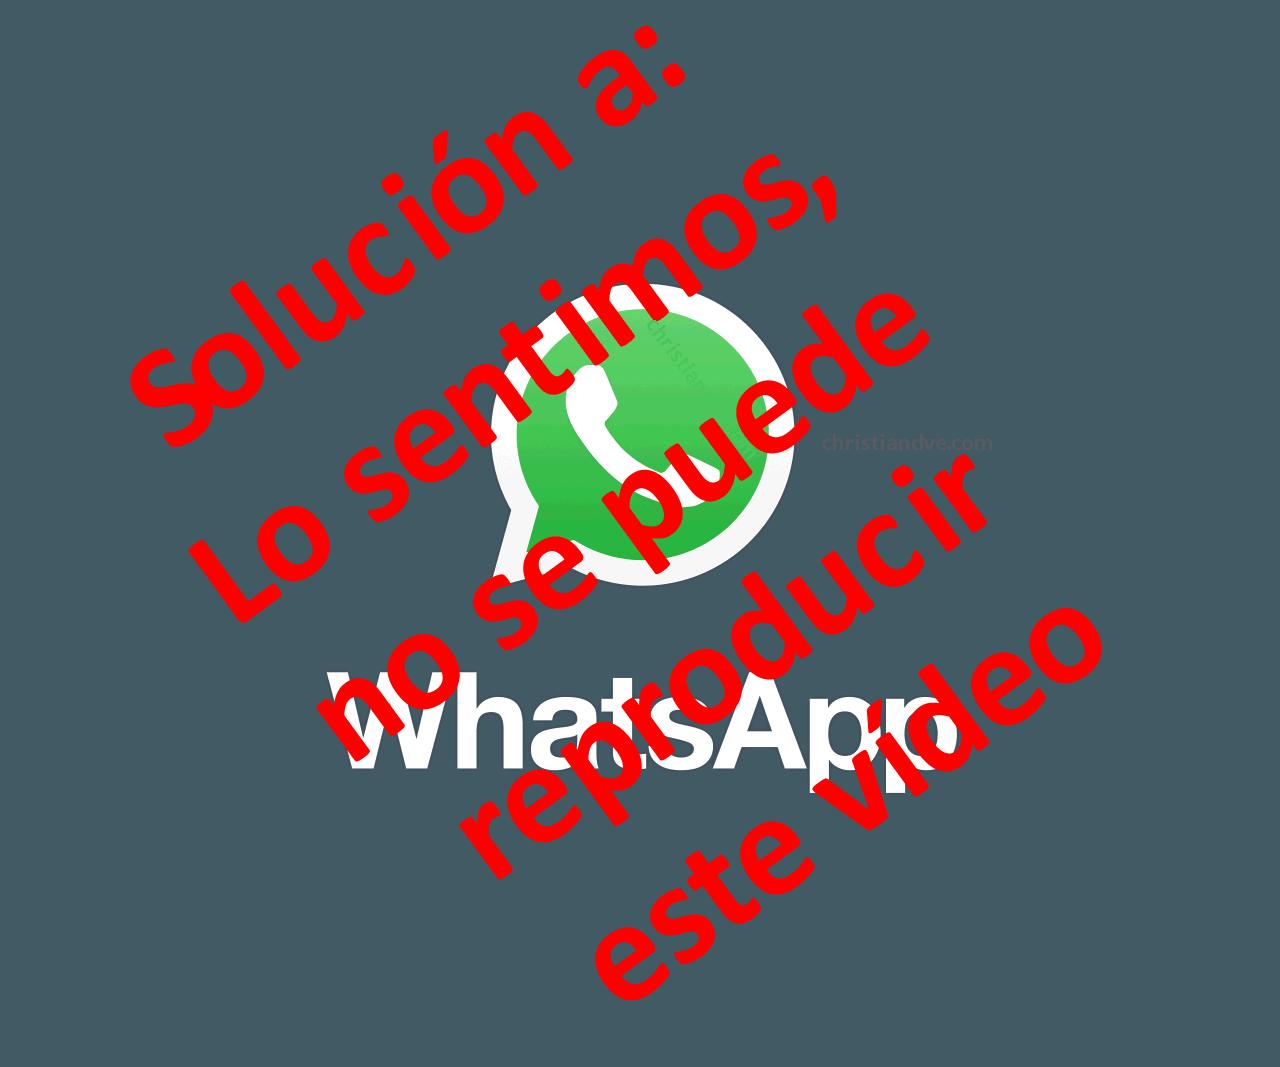 como poner un video en el estado de whatsapp iphone